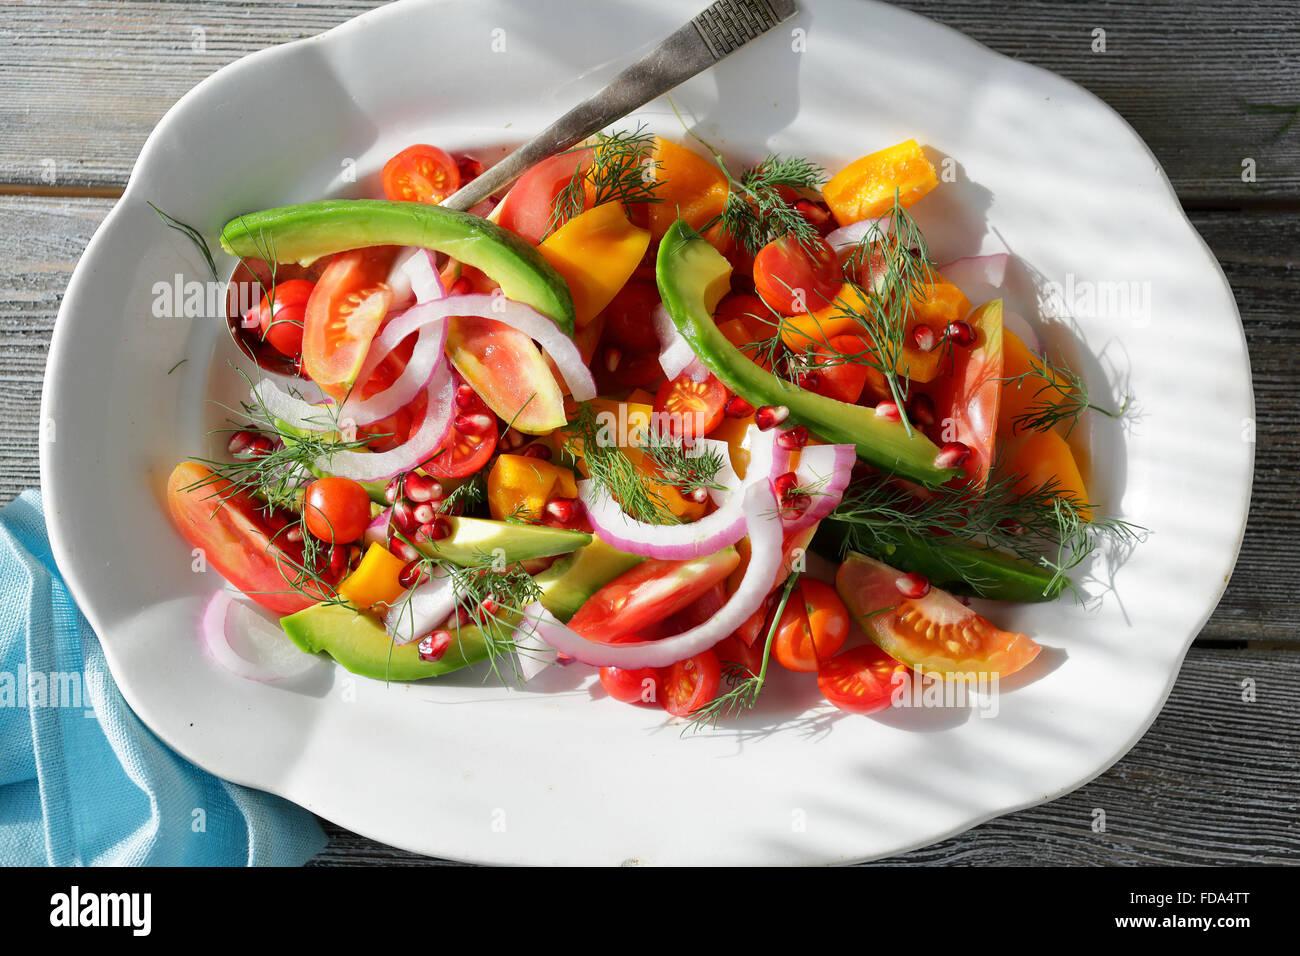 Pomodoro e insalata di paprika sulla piastra Immagini Stock